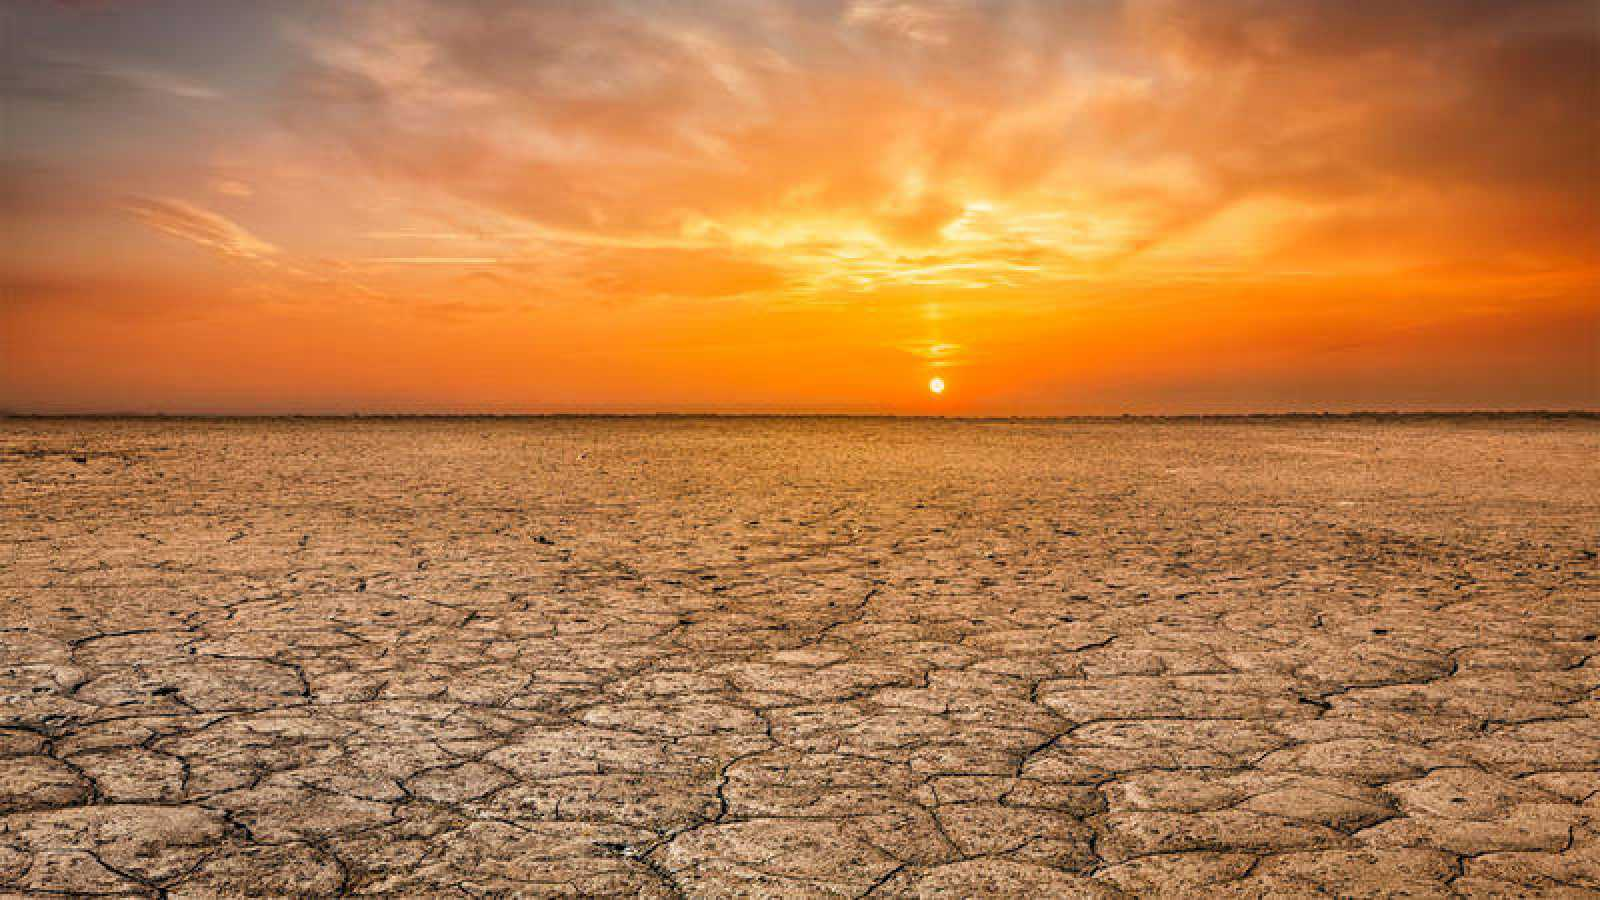 Los científicos aseguran que la única solución posible es que se tome ¿una acción climática radical¿.